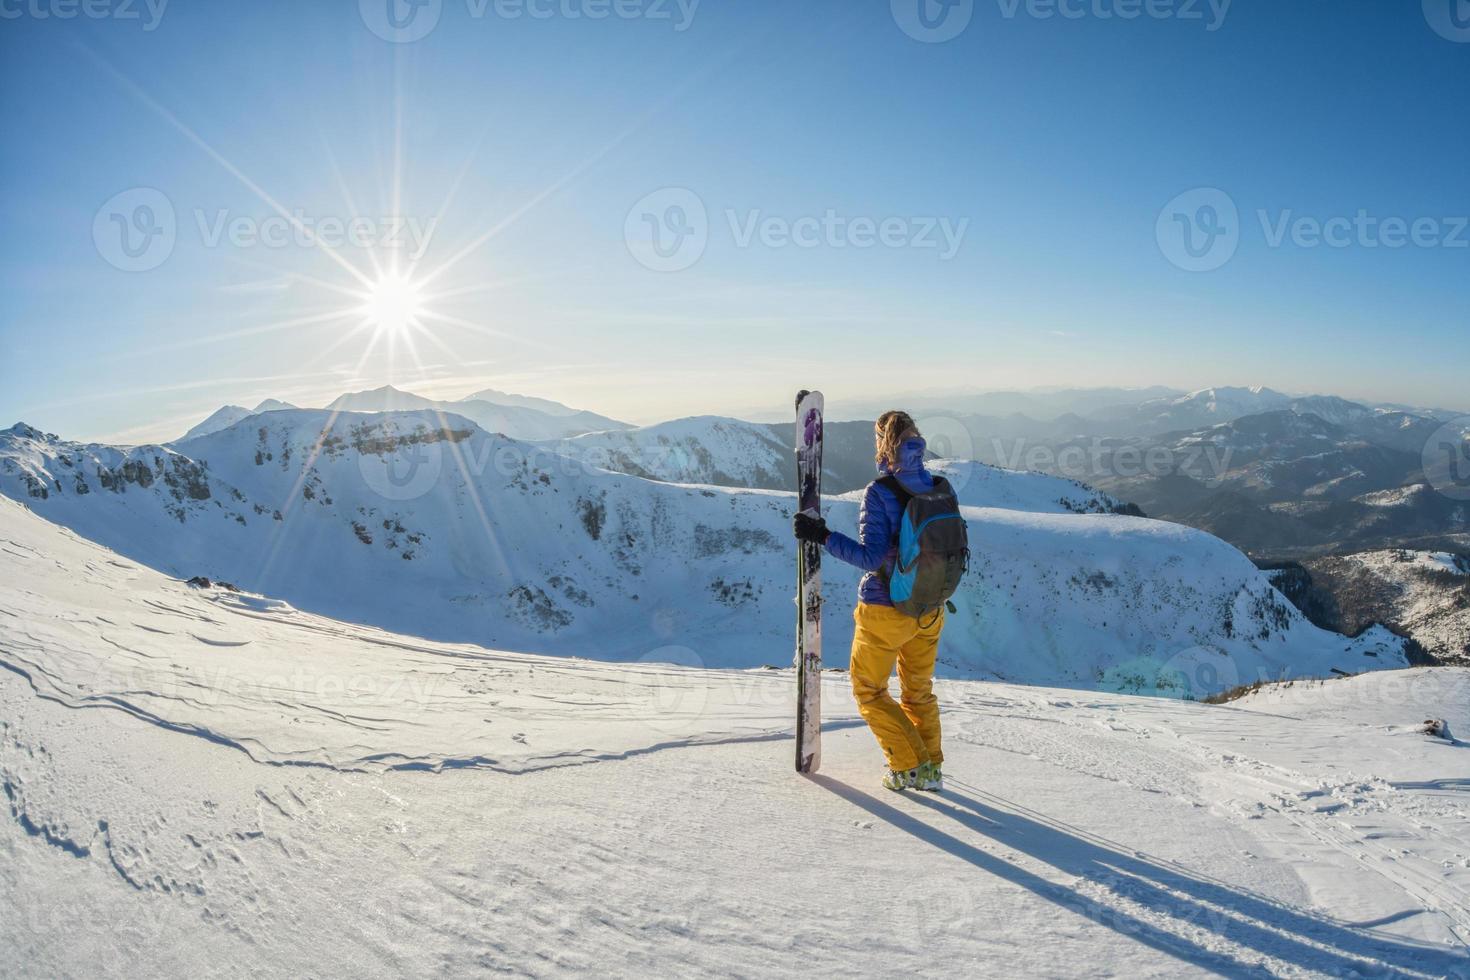 skiër overweegt zonsondergang uitzicht vanaf de top van besneeuwde berg foto